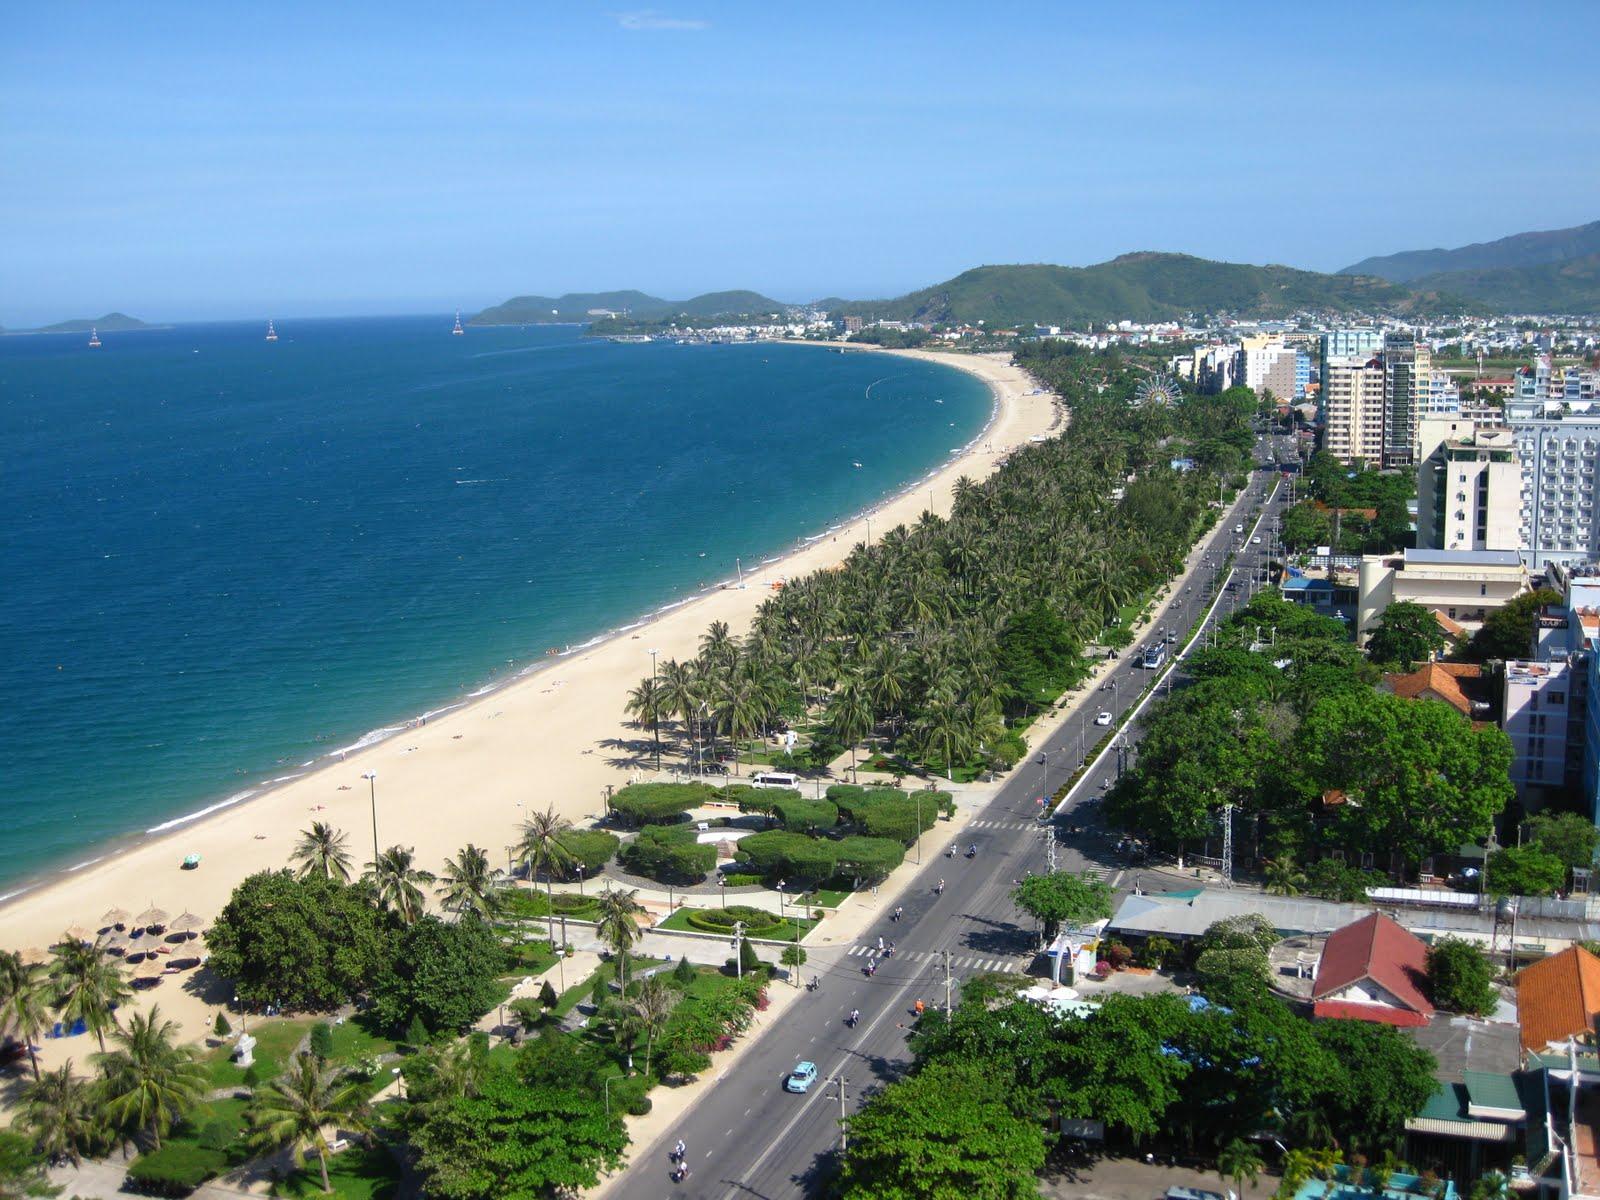 Vinpearl BeachFront Condotel Nha Trang và những nét khác biệt với khách sạn